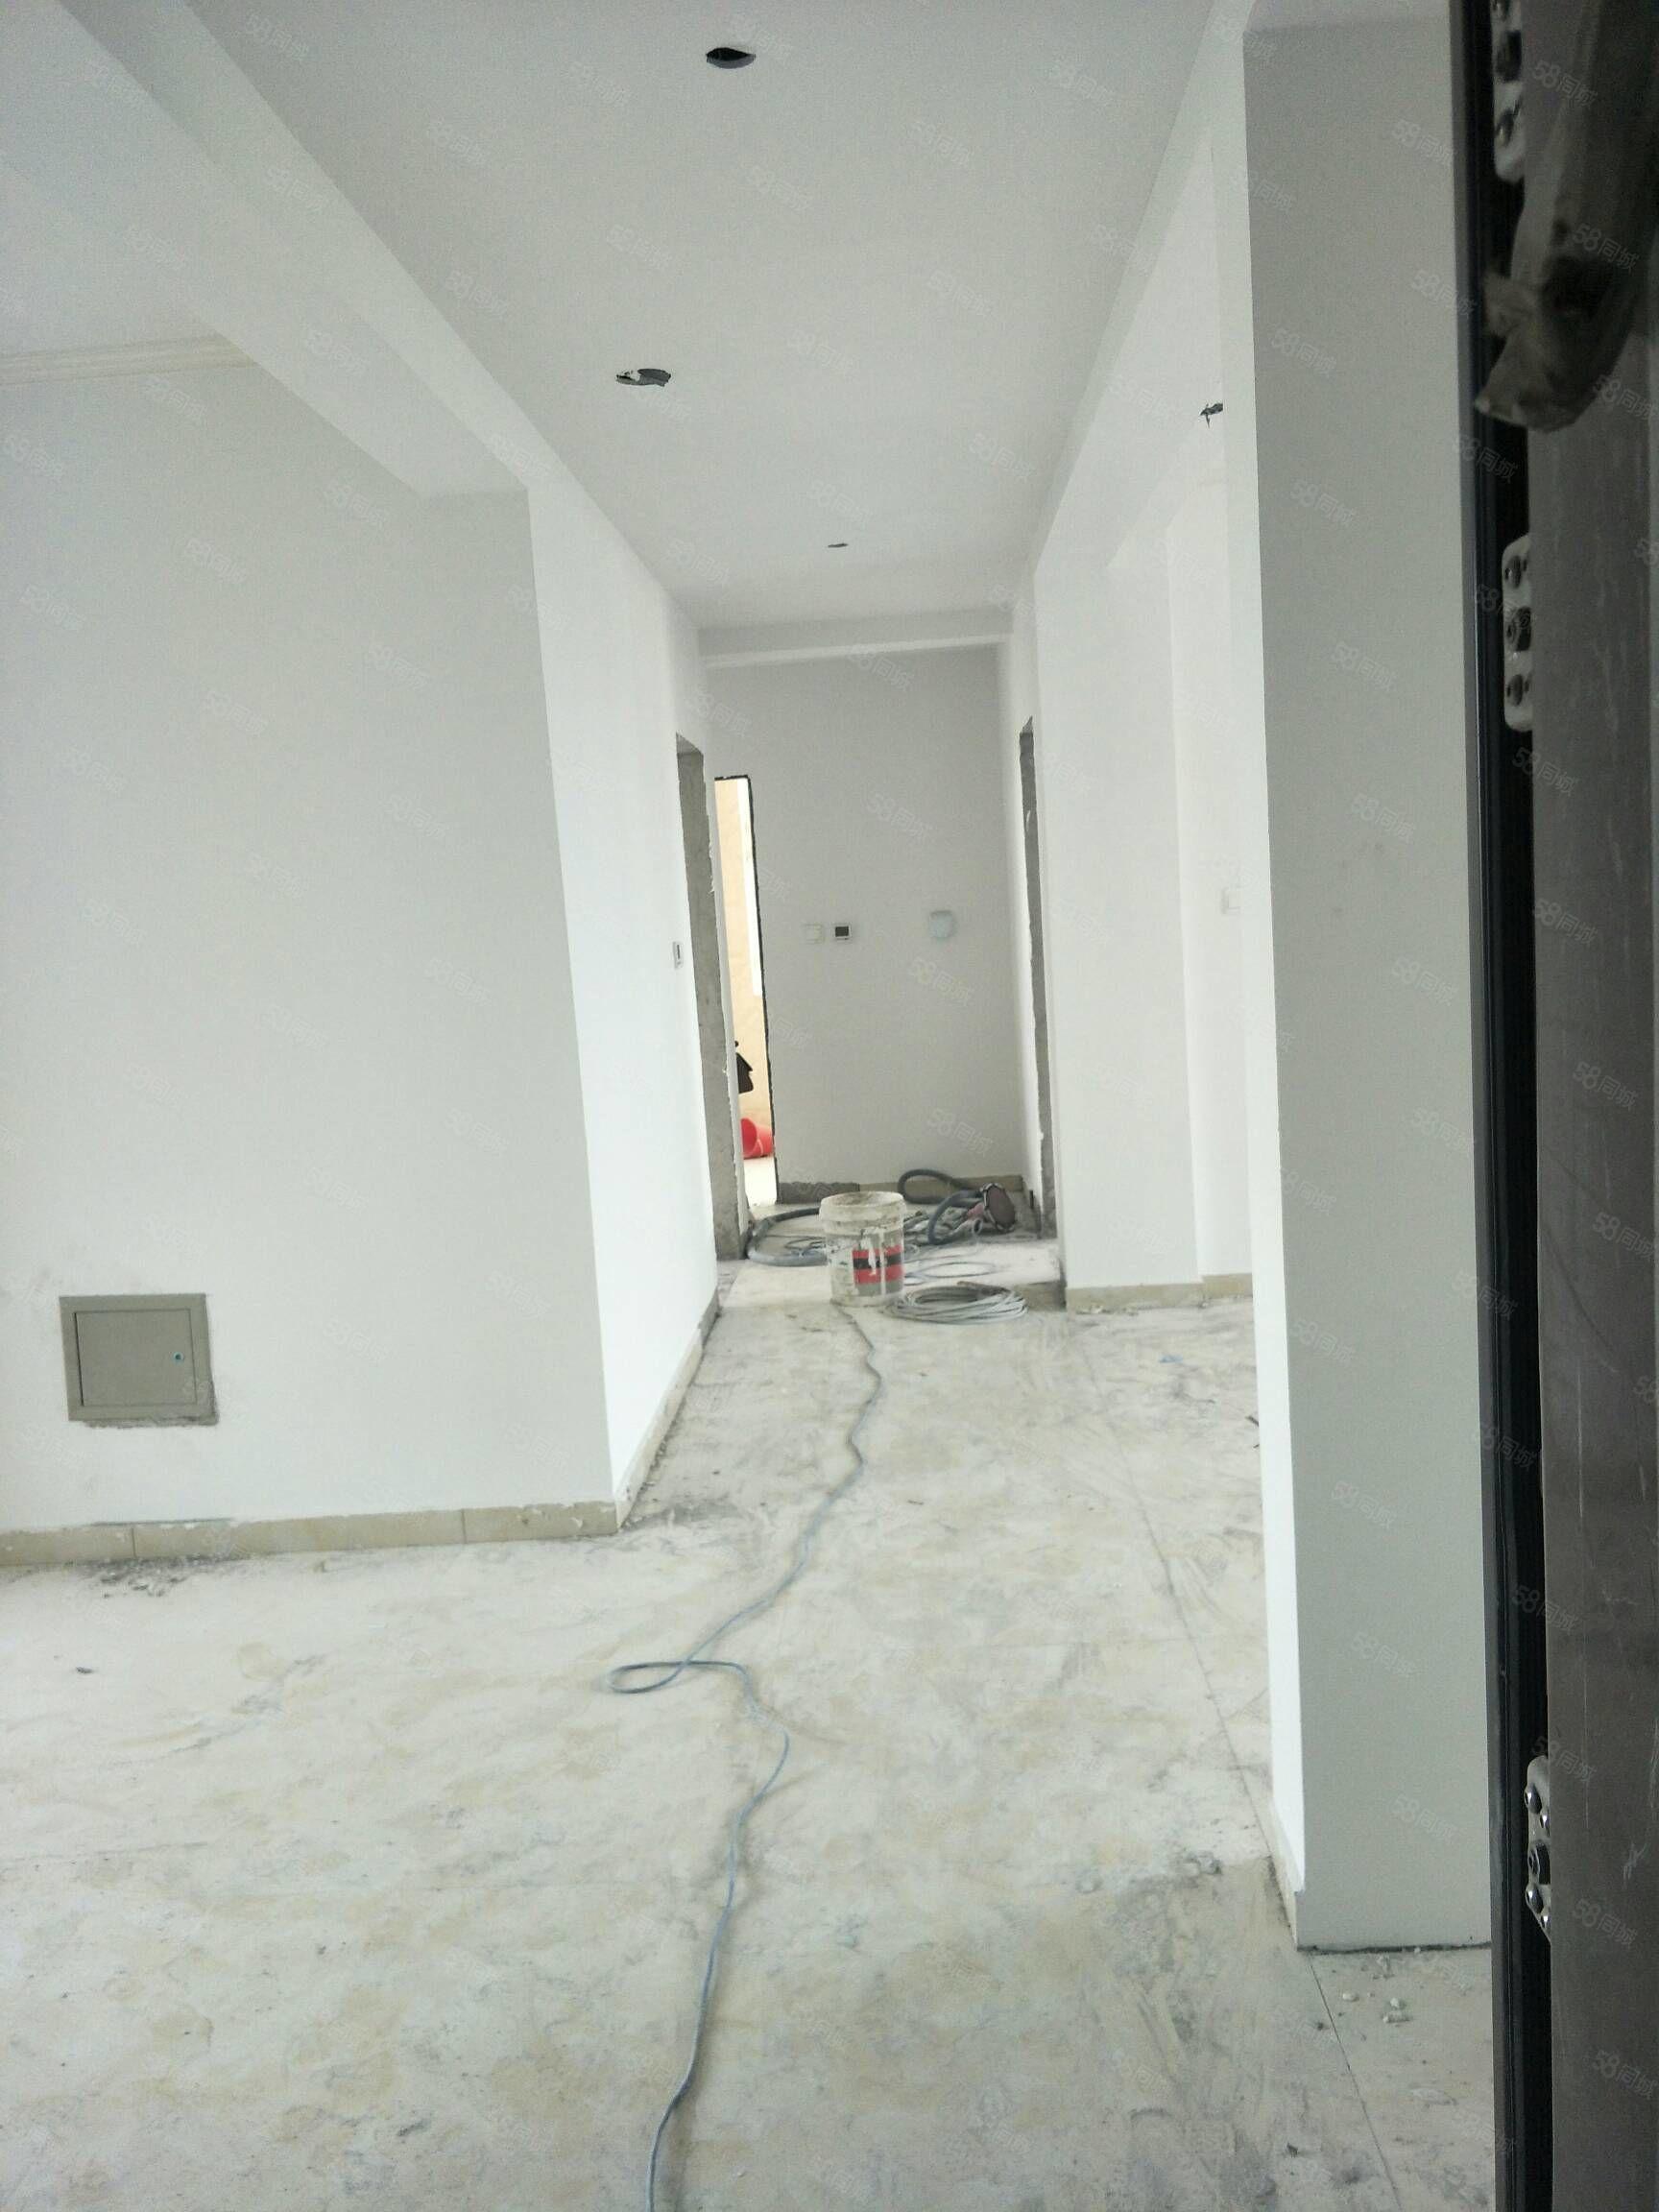 利津翰林福邸十二楼精装修带车位地下室可改合同贷款十月份交钥匙